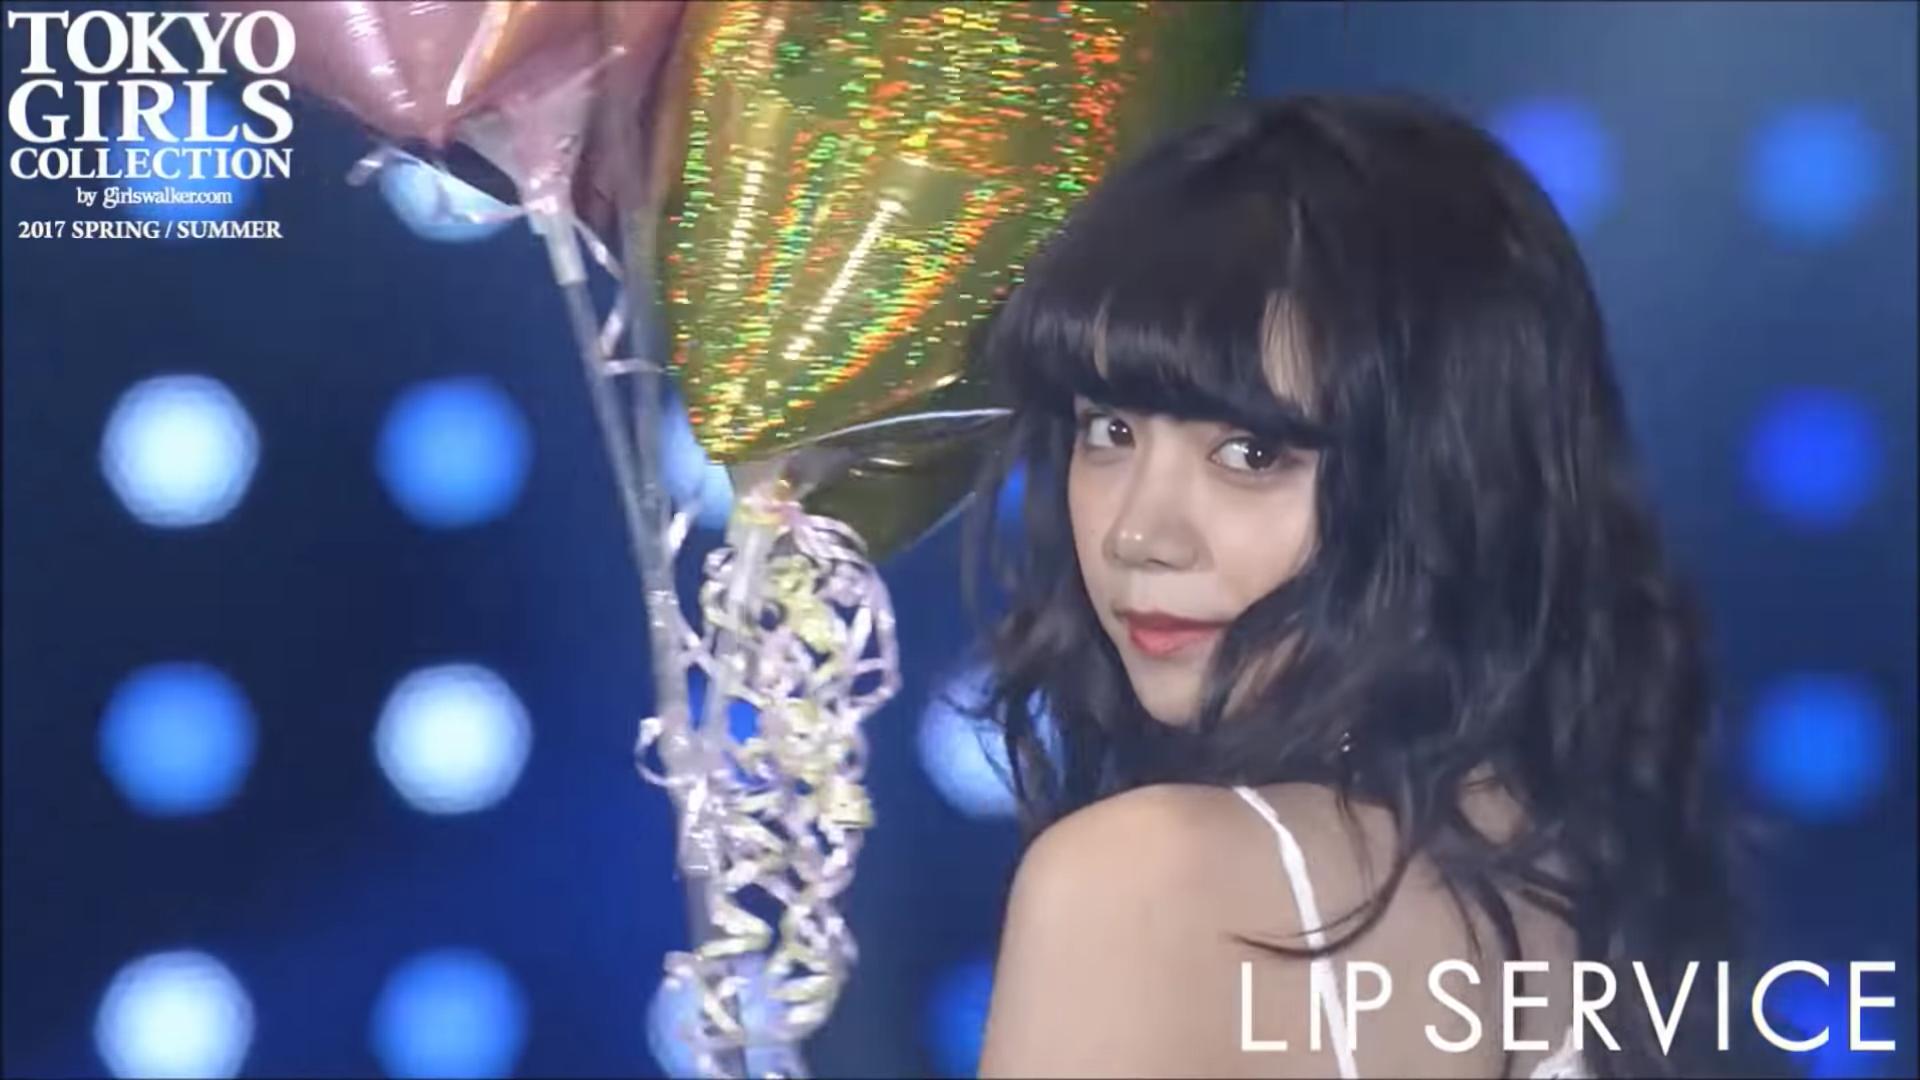 【池田エライザ】Gカップ2 素敵!華麗!華麗な立ち振る舞いに注目!